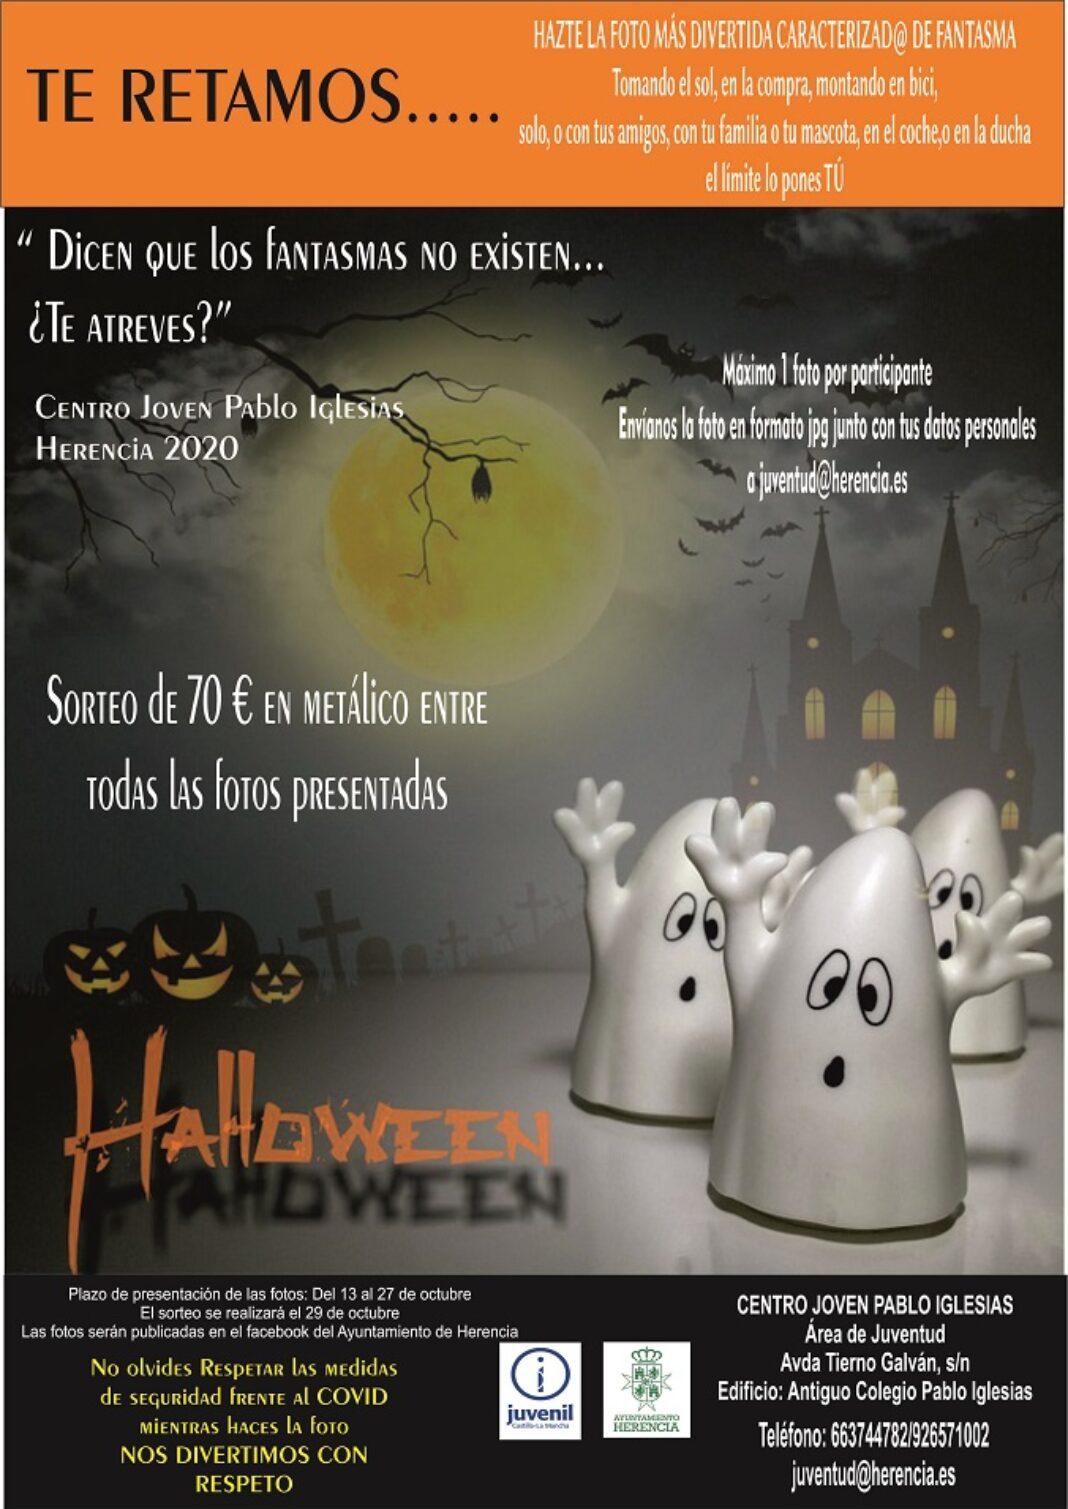 Juventud organiza un concurso de fotografía de disfraces de fantasmas 1